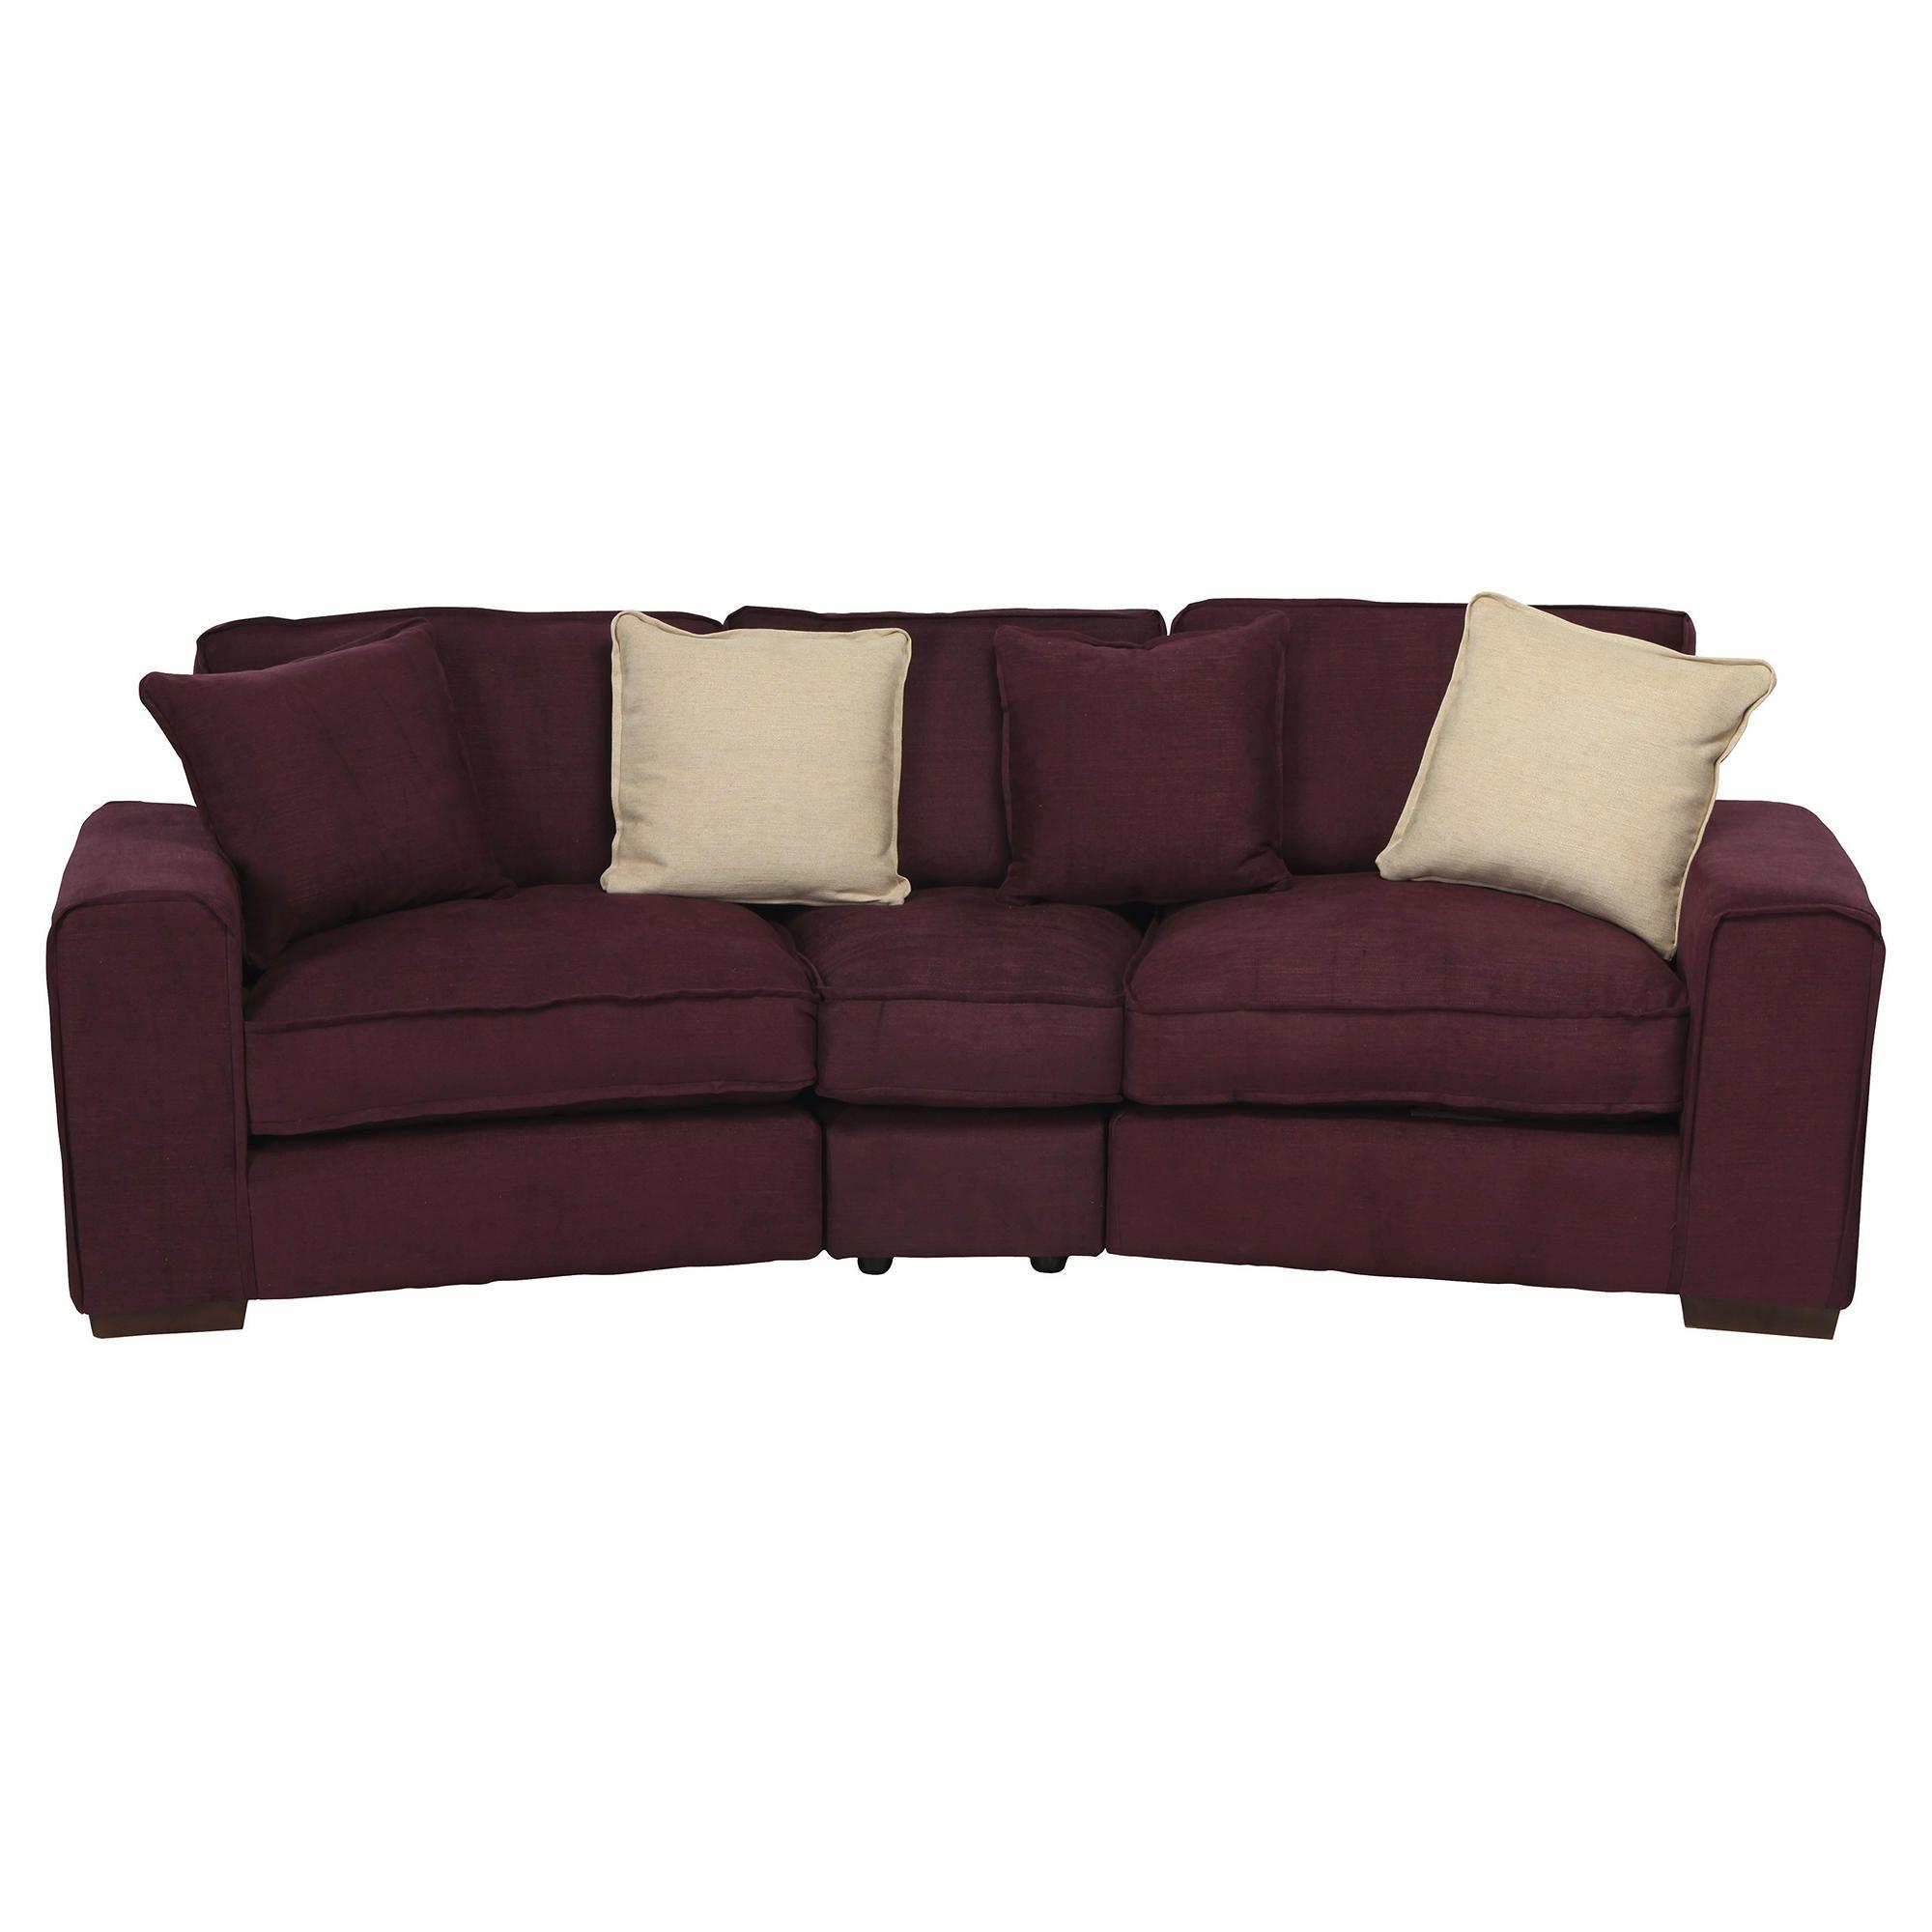 Omega Fabric Curved Sofa, Aubergine at Tesco Direct